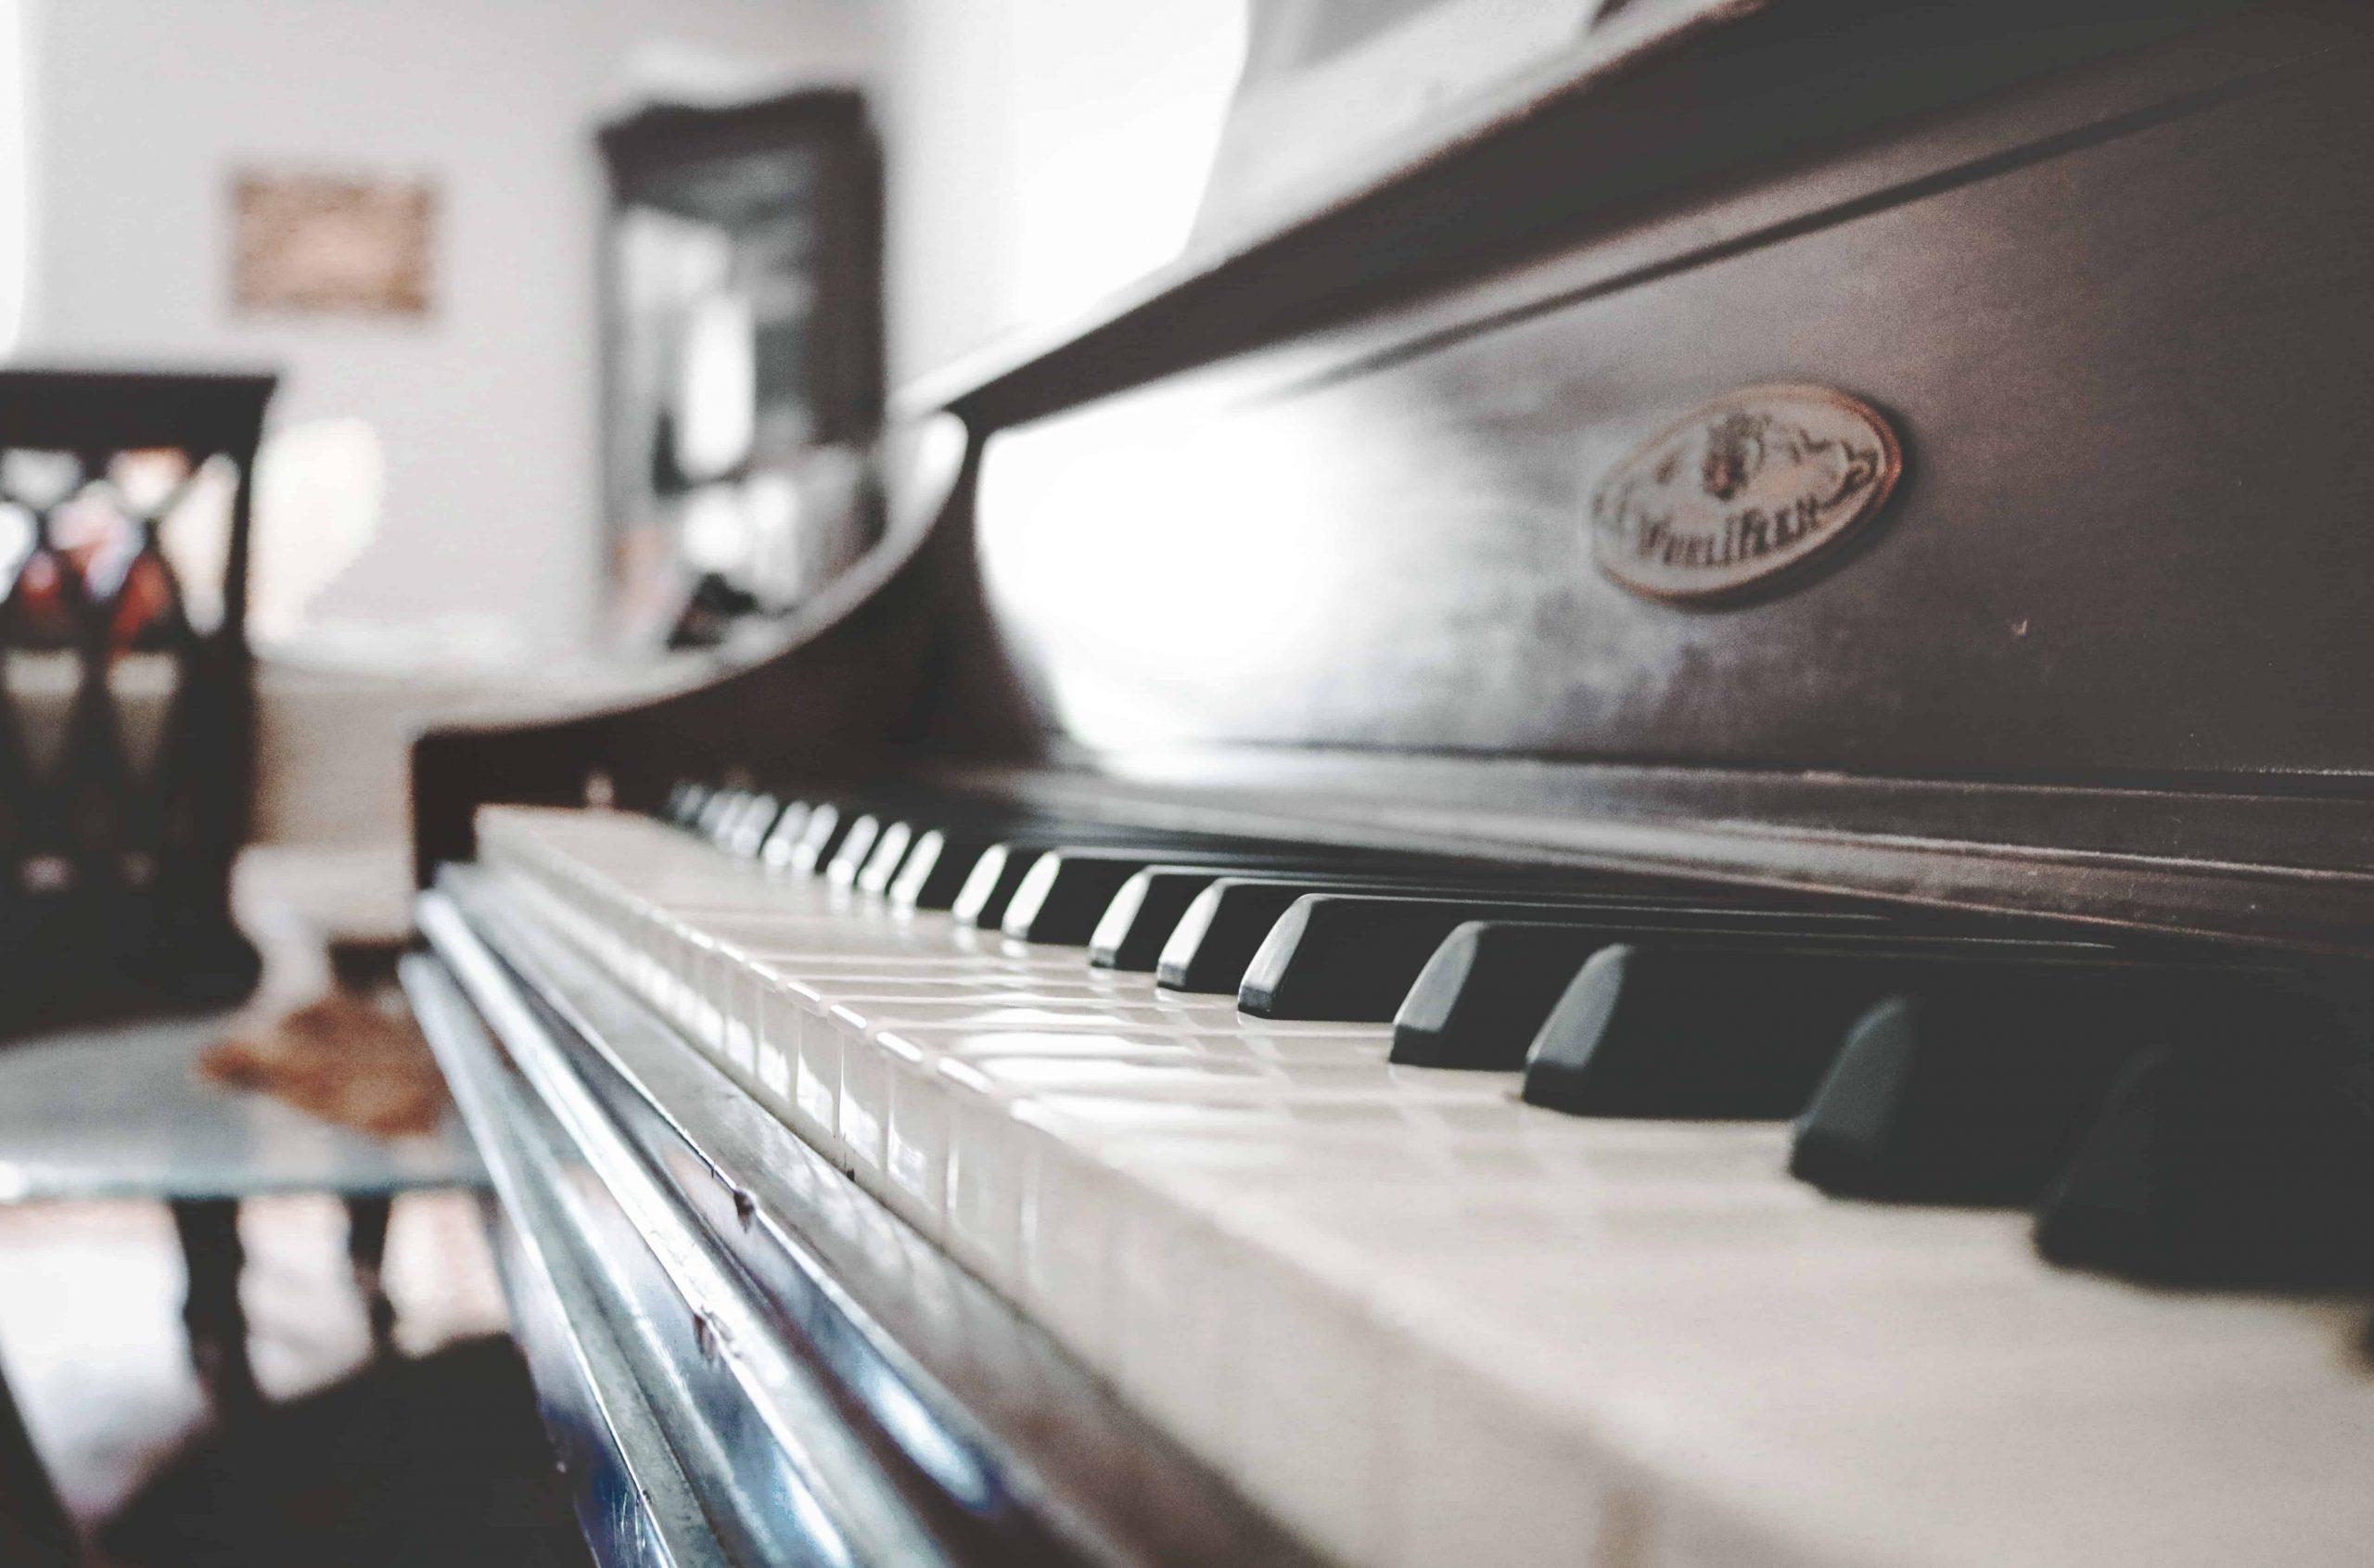 Klavierhocker: Test & Empfehlungen (10/20)